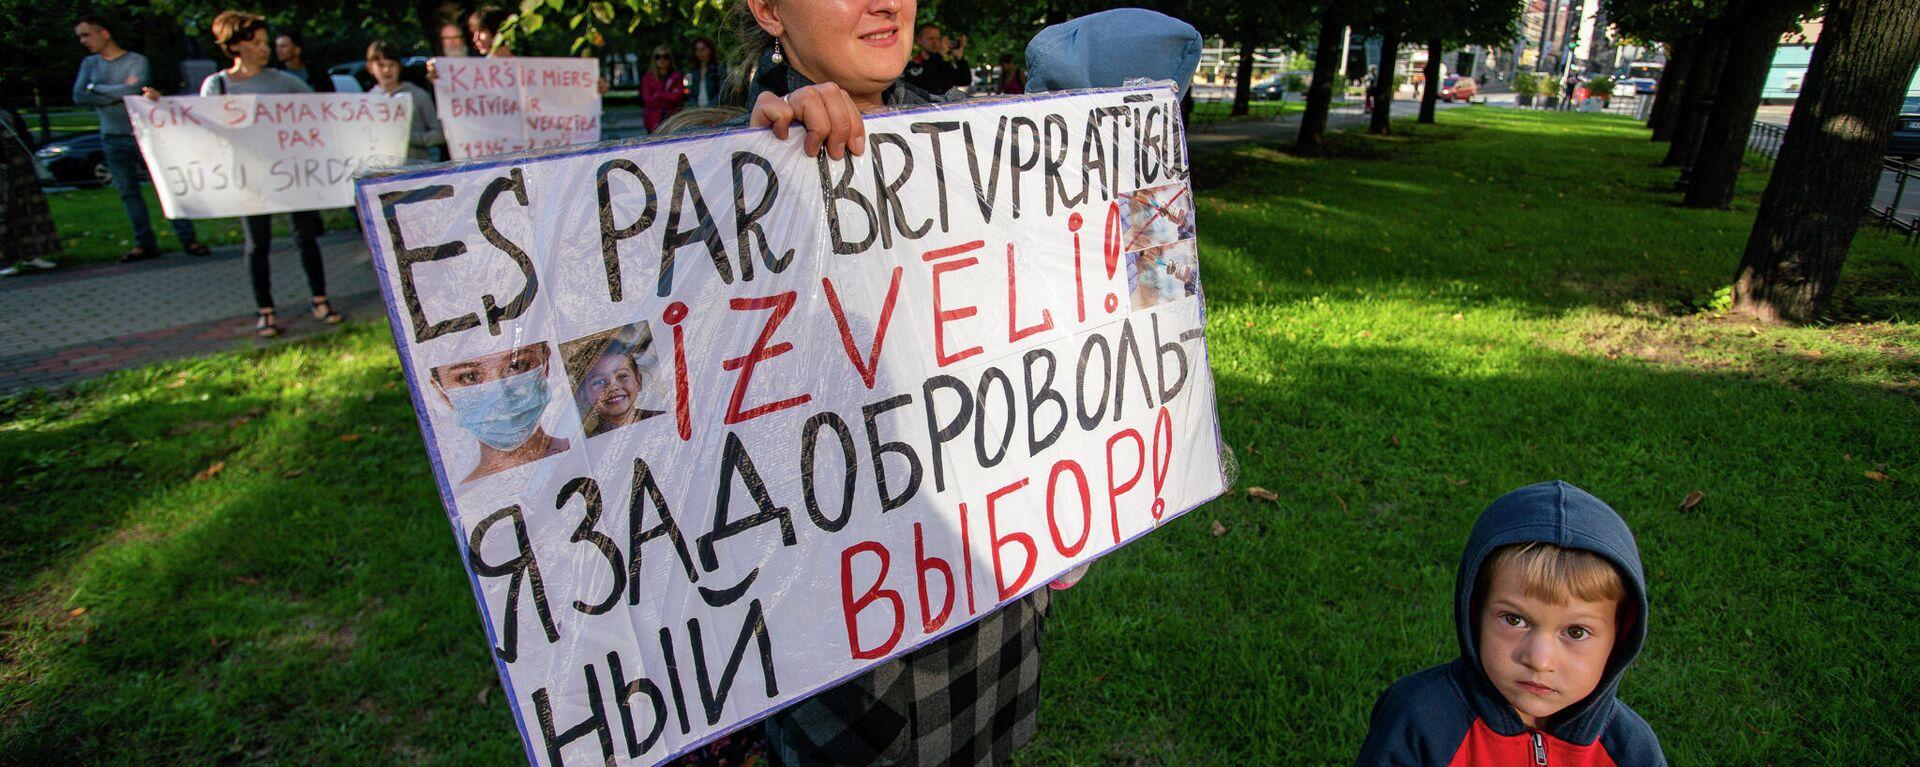 У Кабинета министров прошел митинг противников обязательной вакцинации - Sputnik Латвия, 1920, 16.08.2021